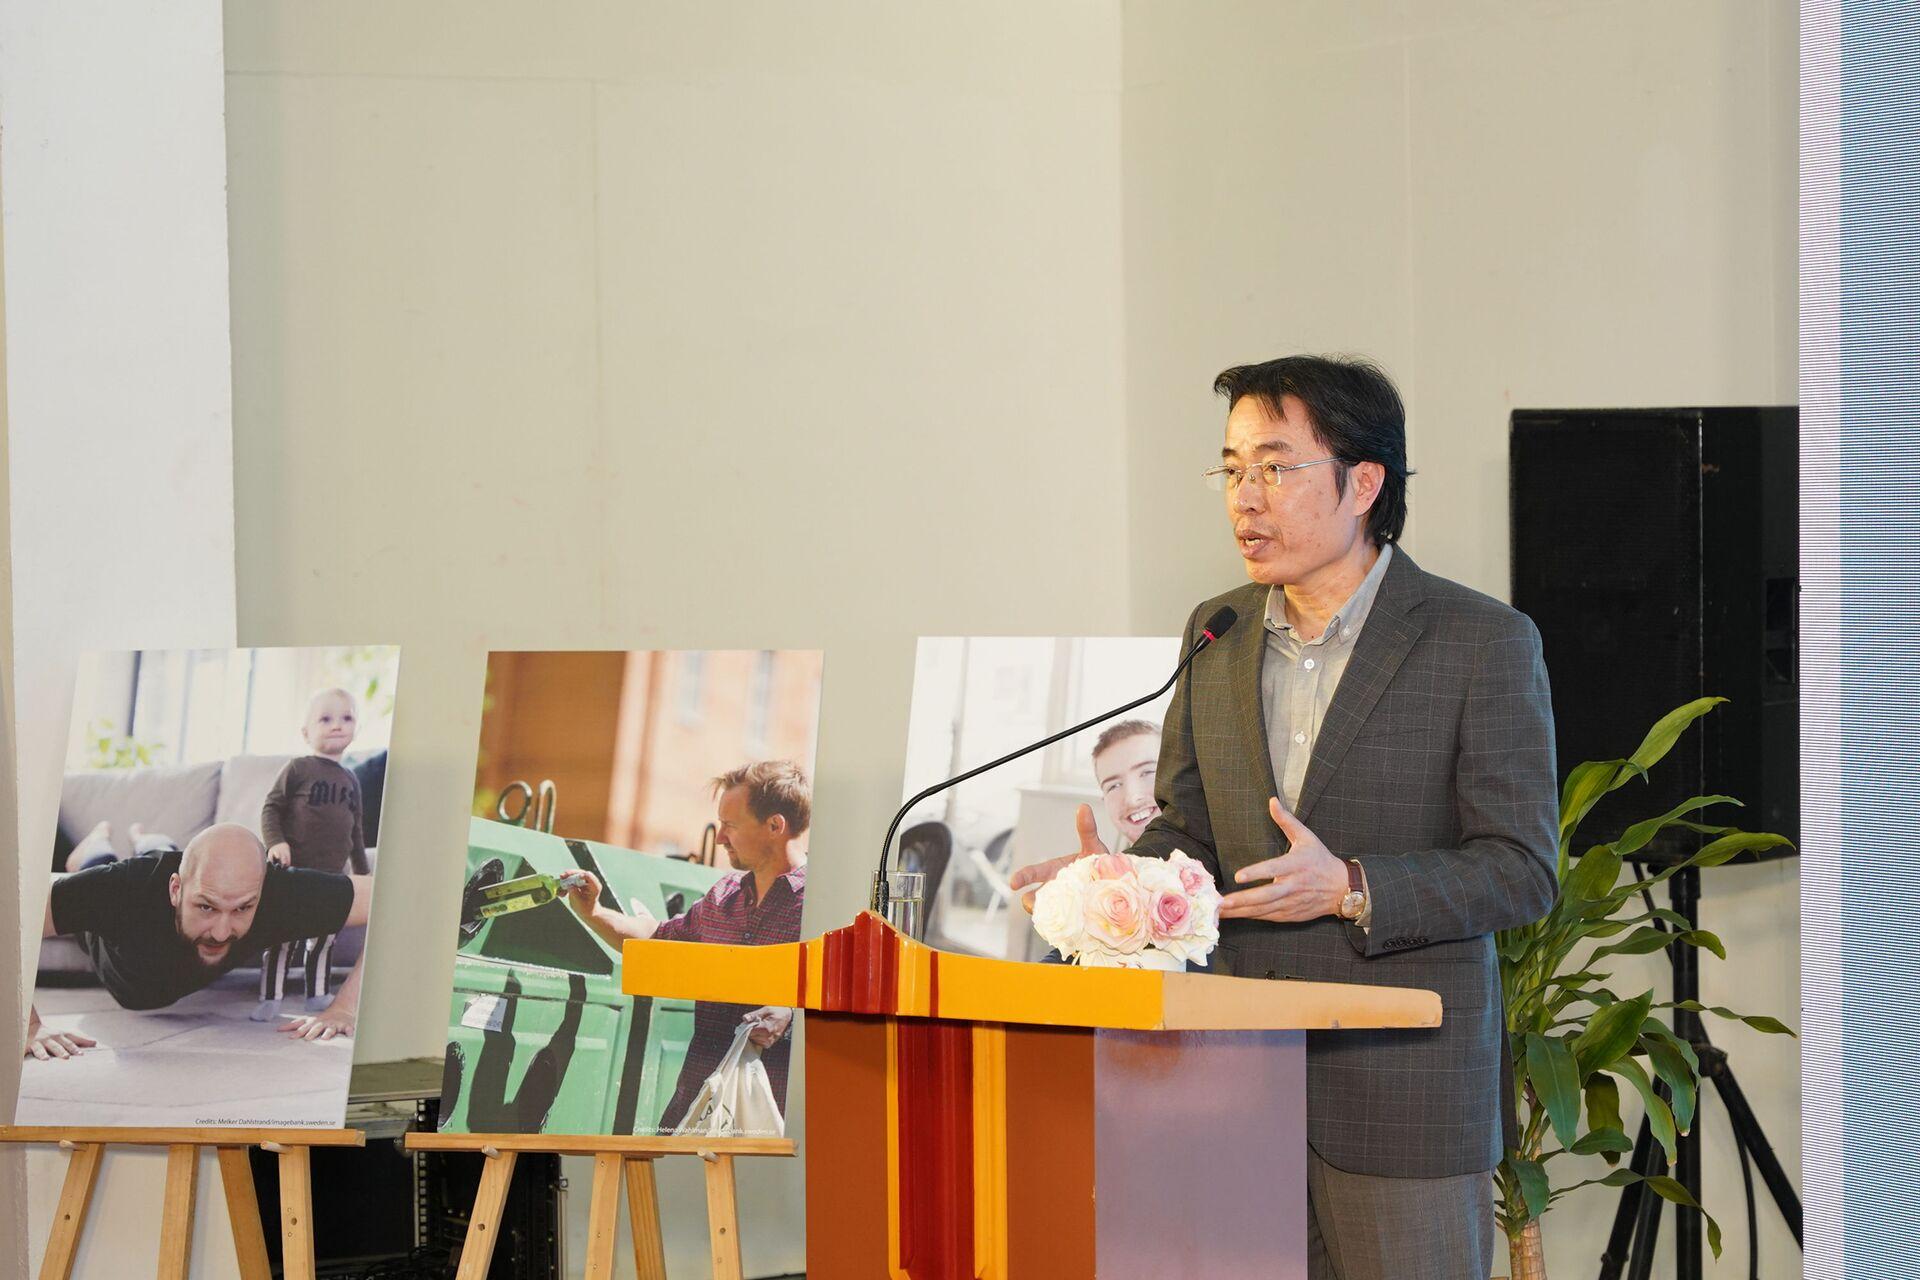 Cục trưởng Cục trẻ em: 'Chia sẻ - Chìa khóa thúc đẩy bình đẳng giới' - Sputnik Việt Nam, 1920, 09.03.2021